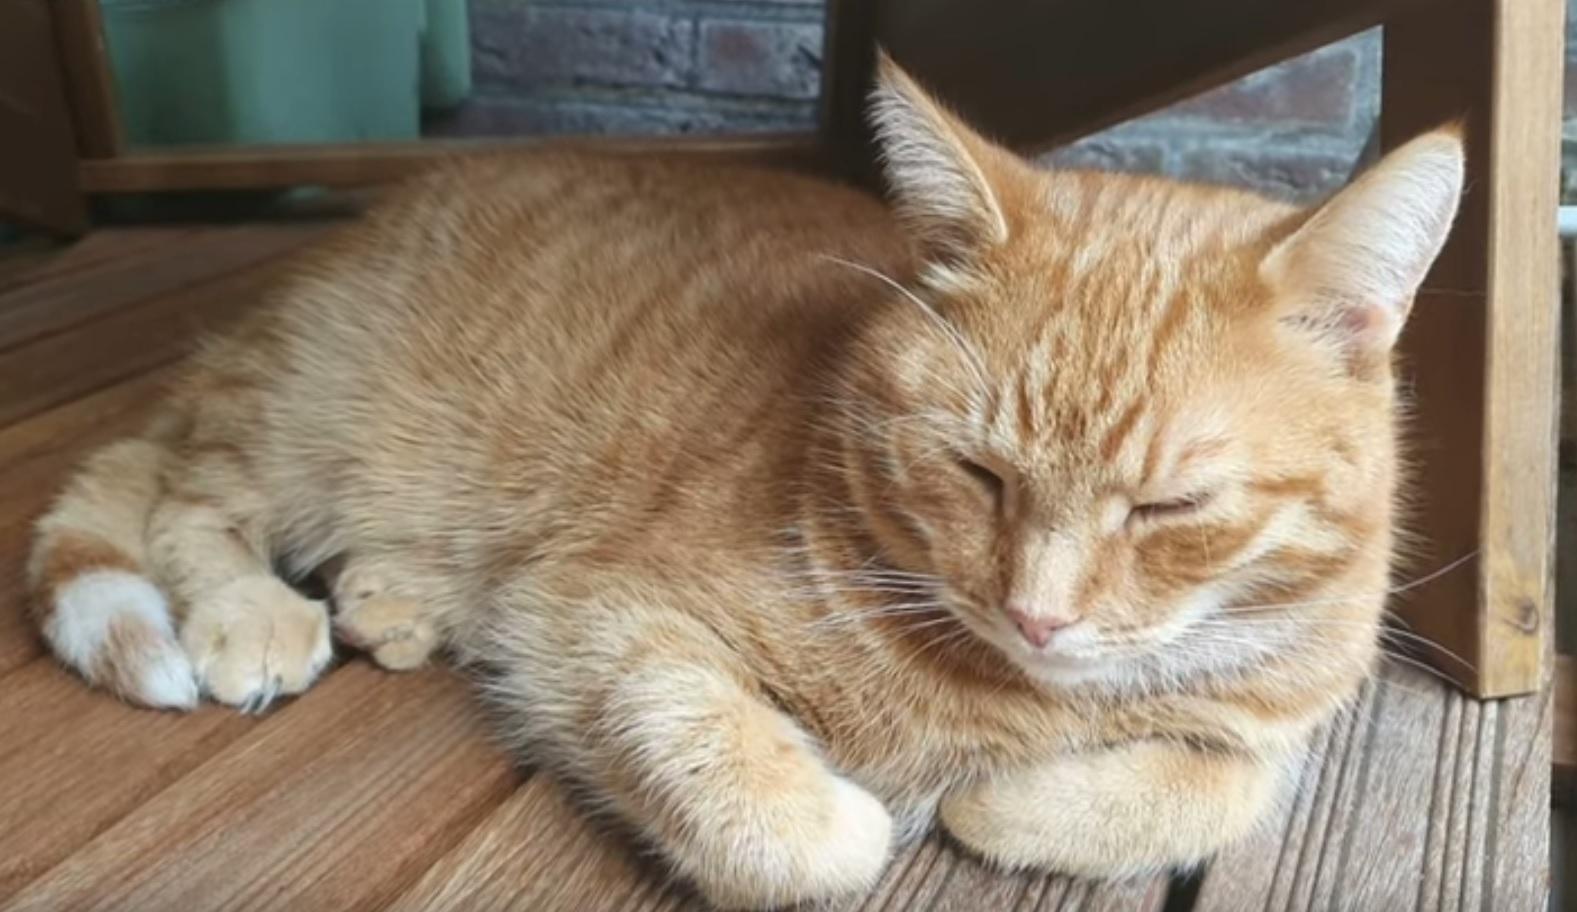 A Relaxing Cat Video